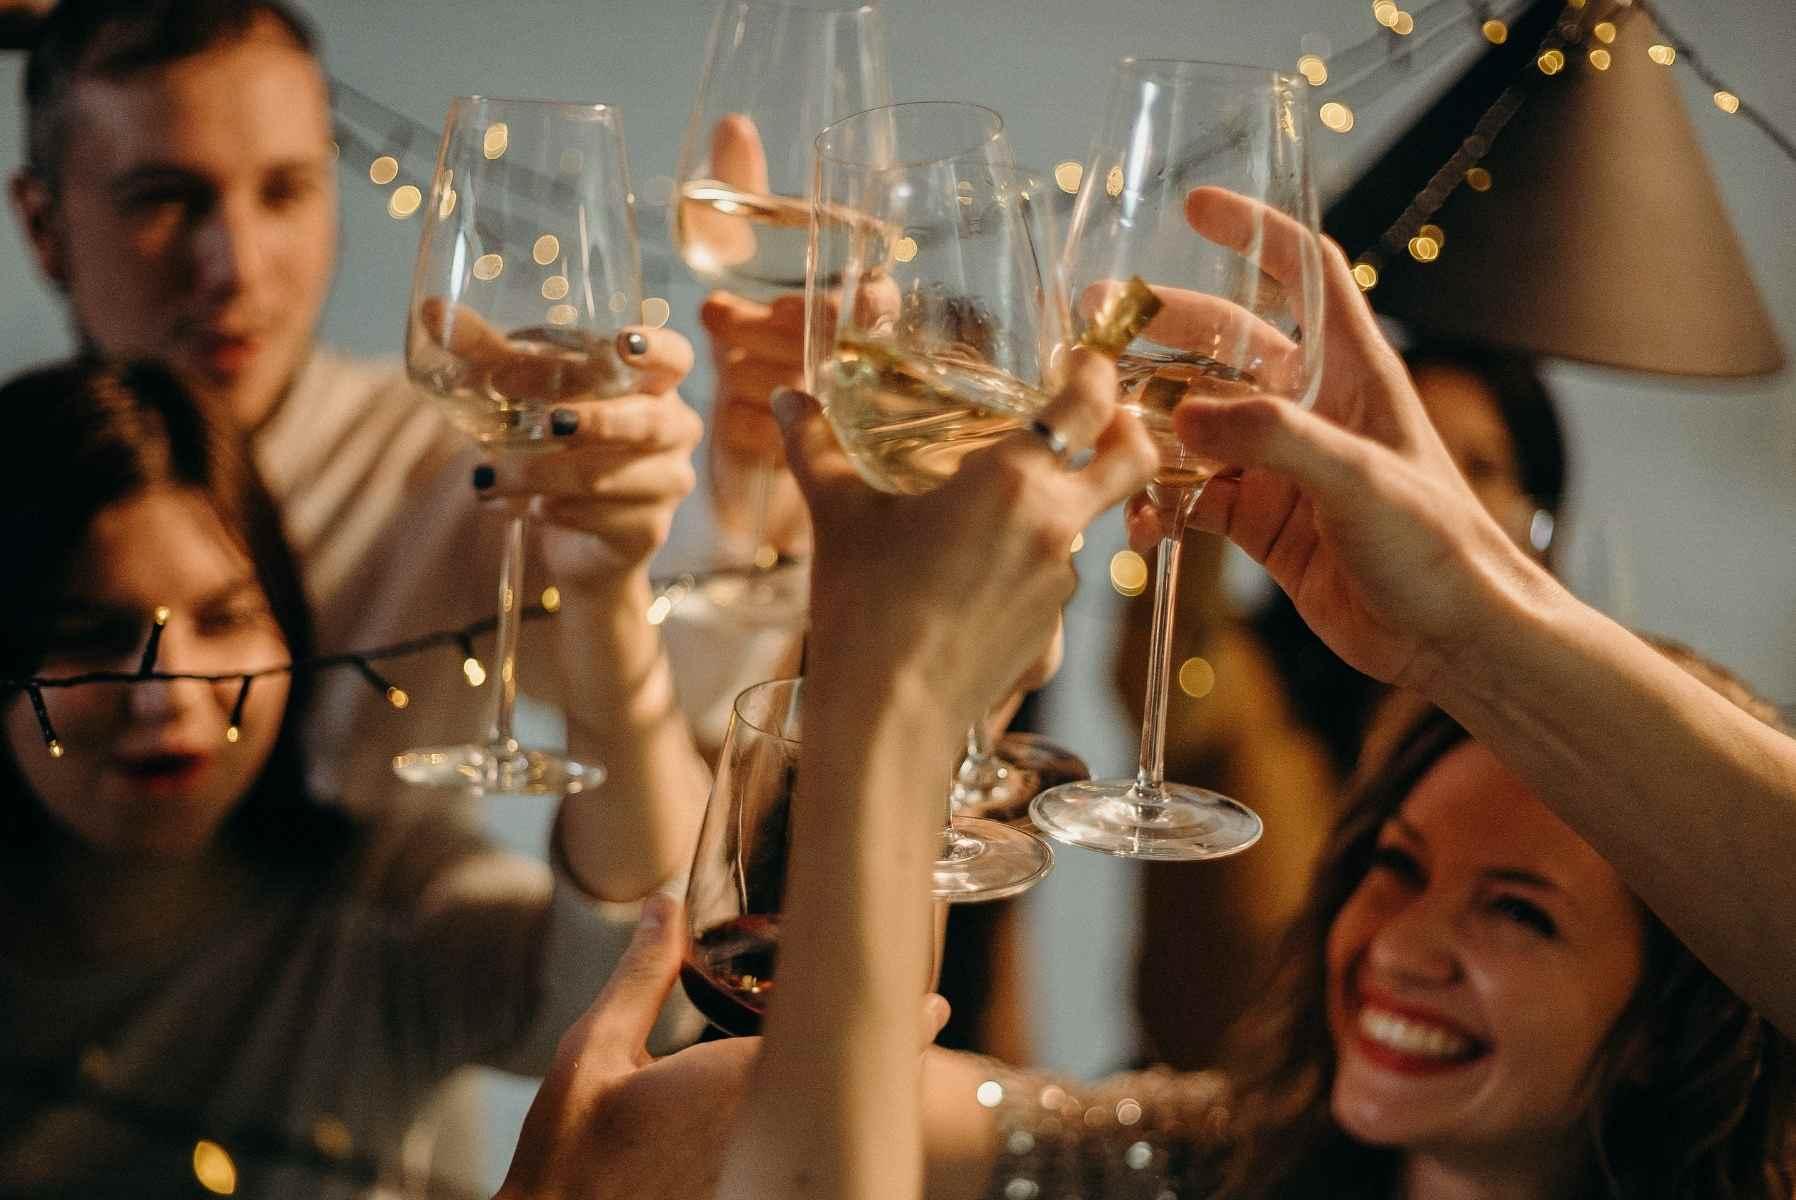 Party_Geburtstag_Firmung_Taufe_Konfirmation_Verlobung_Wedding_Hochzeit_Partyplaner_Hochzeitsplaner_MomentsbyDiane